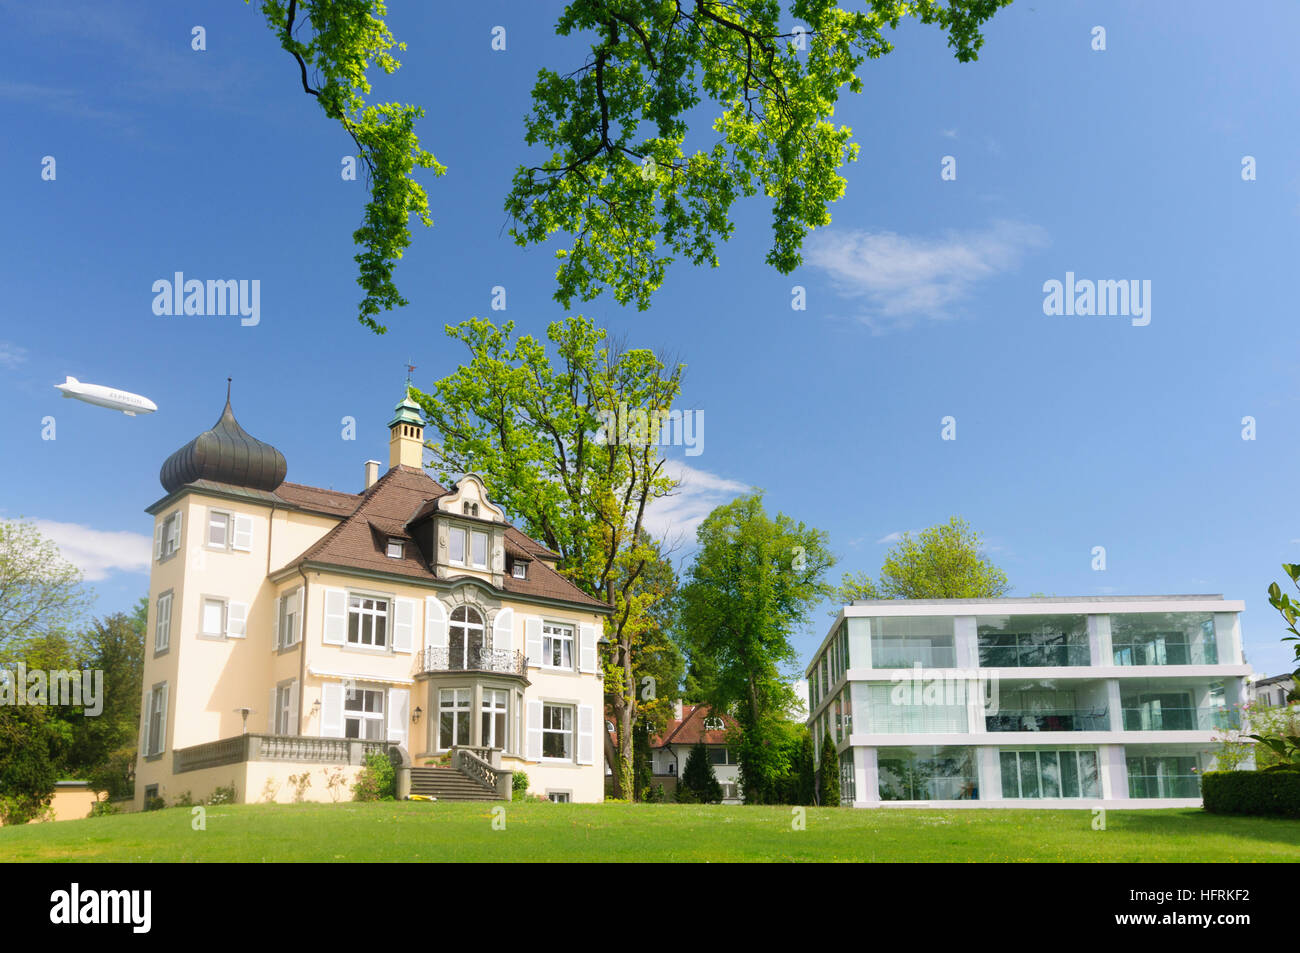 Konstanz, Constance: Villen Mit Zeppelin NT, Bodensee, Bodensee ...